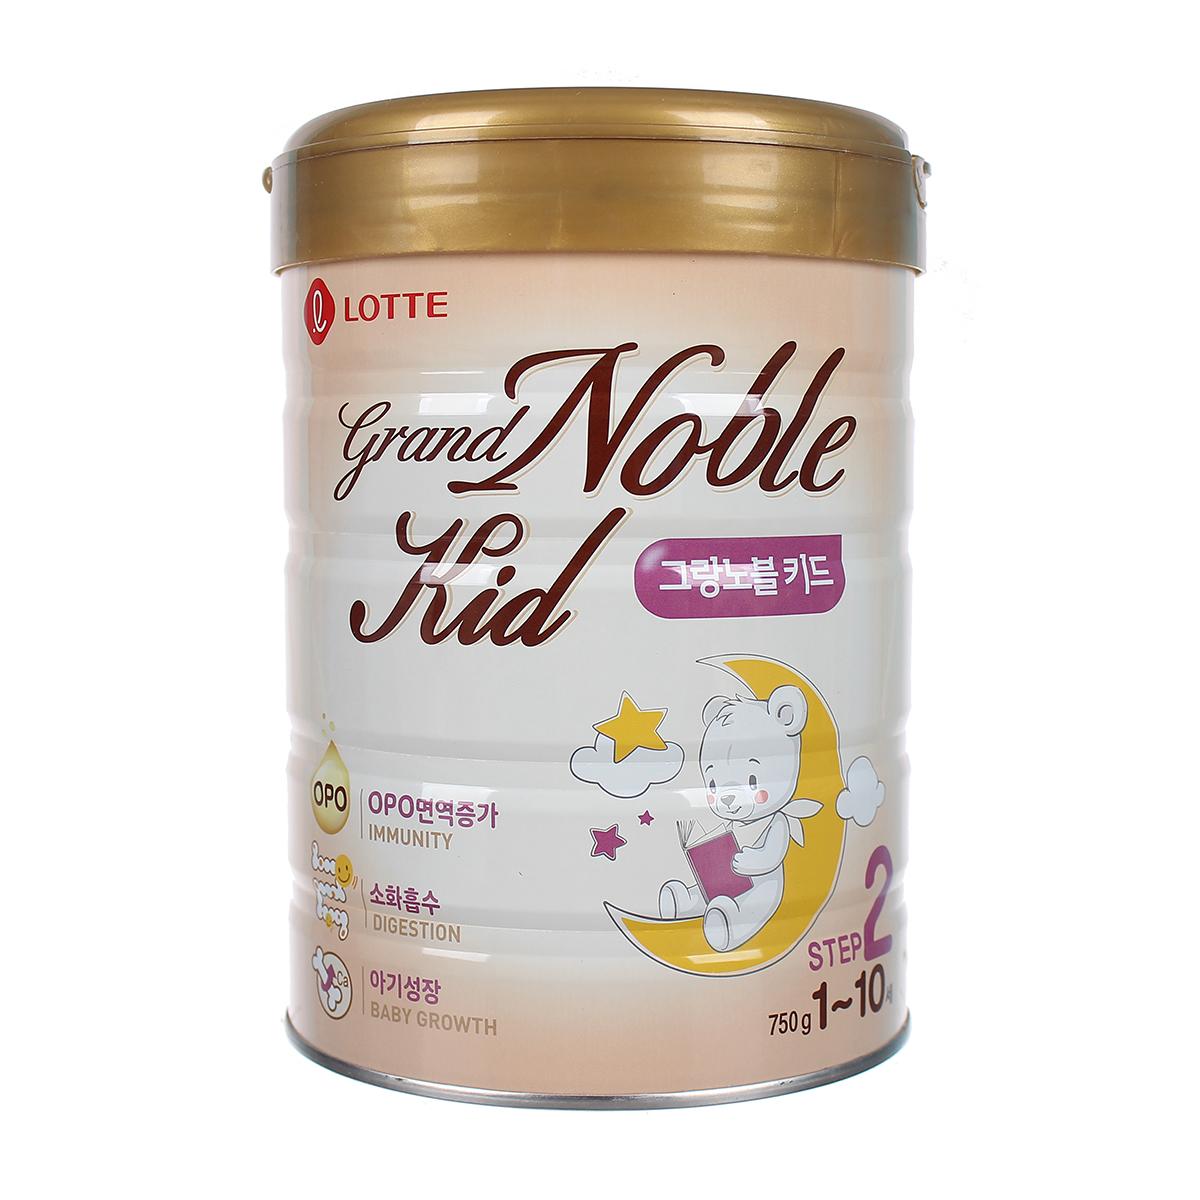 Sữa Grand Noble Kid số 2 (750g)